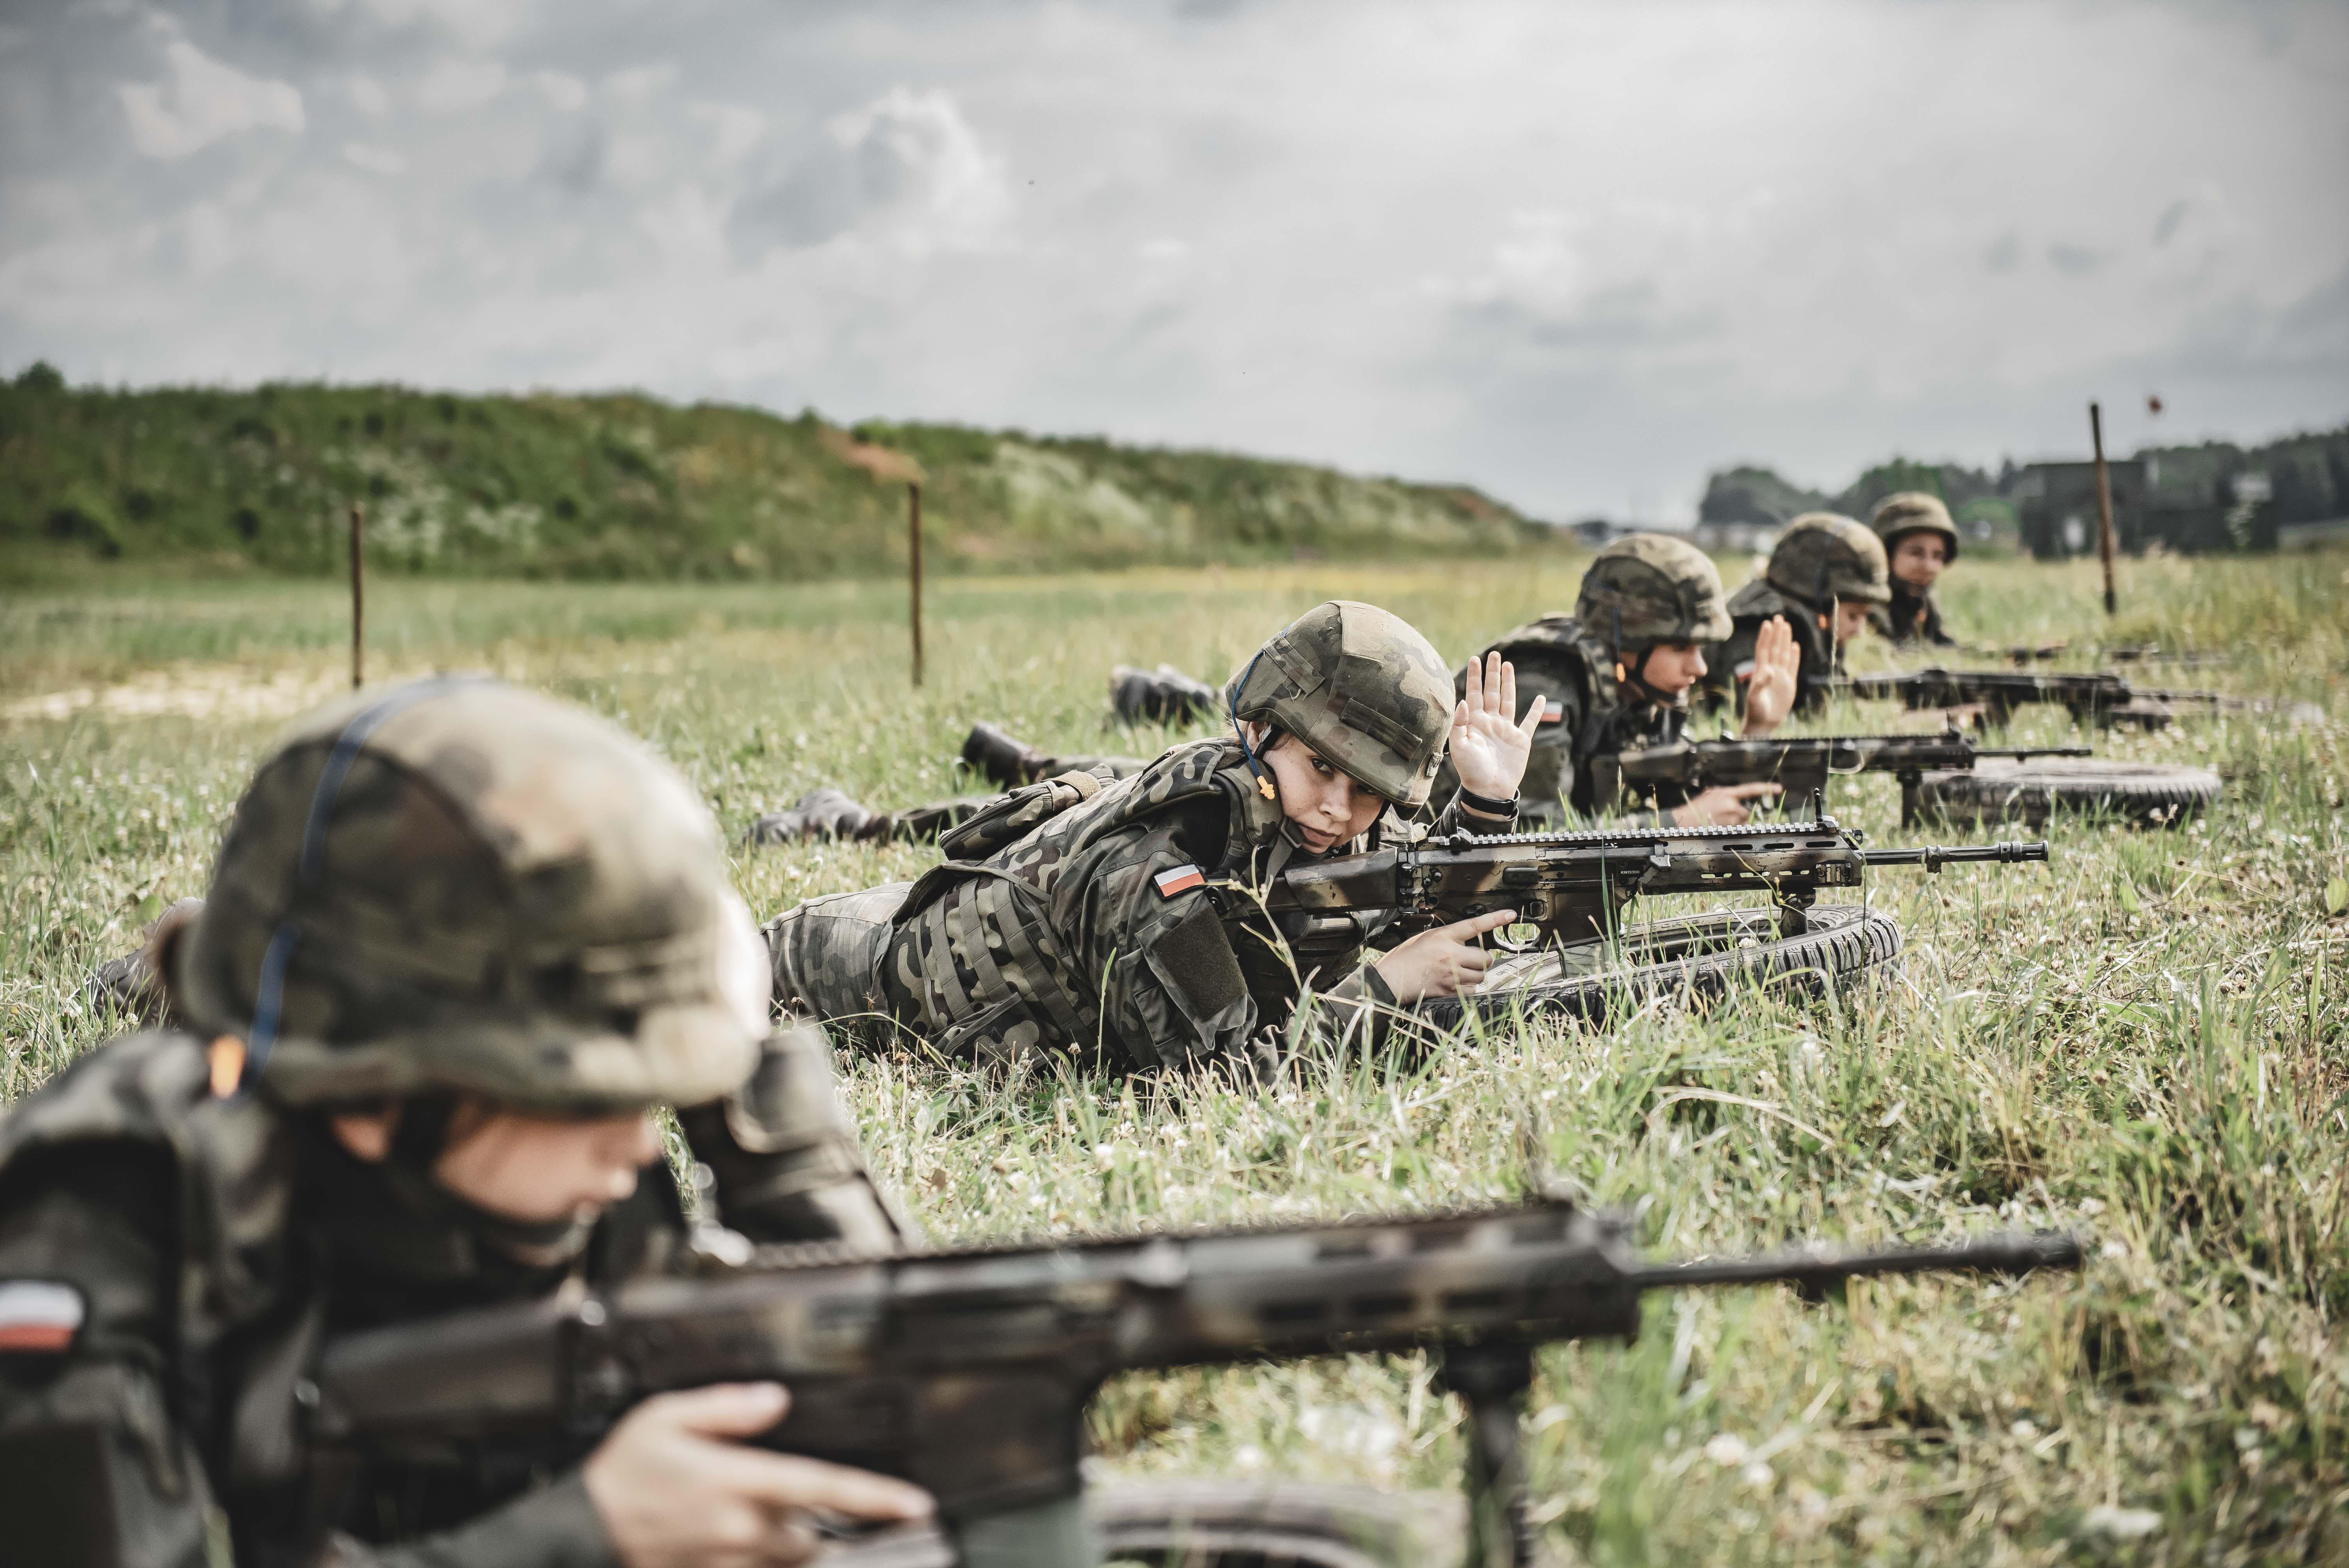 Trwa szkolenie przygotowawcze klas mundurowych w 3 Podkarpackiej Brygadzie Obrony Terytorialnej - Zdjęcie główne